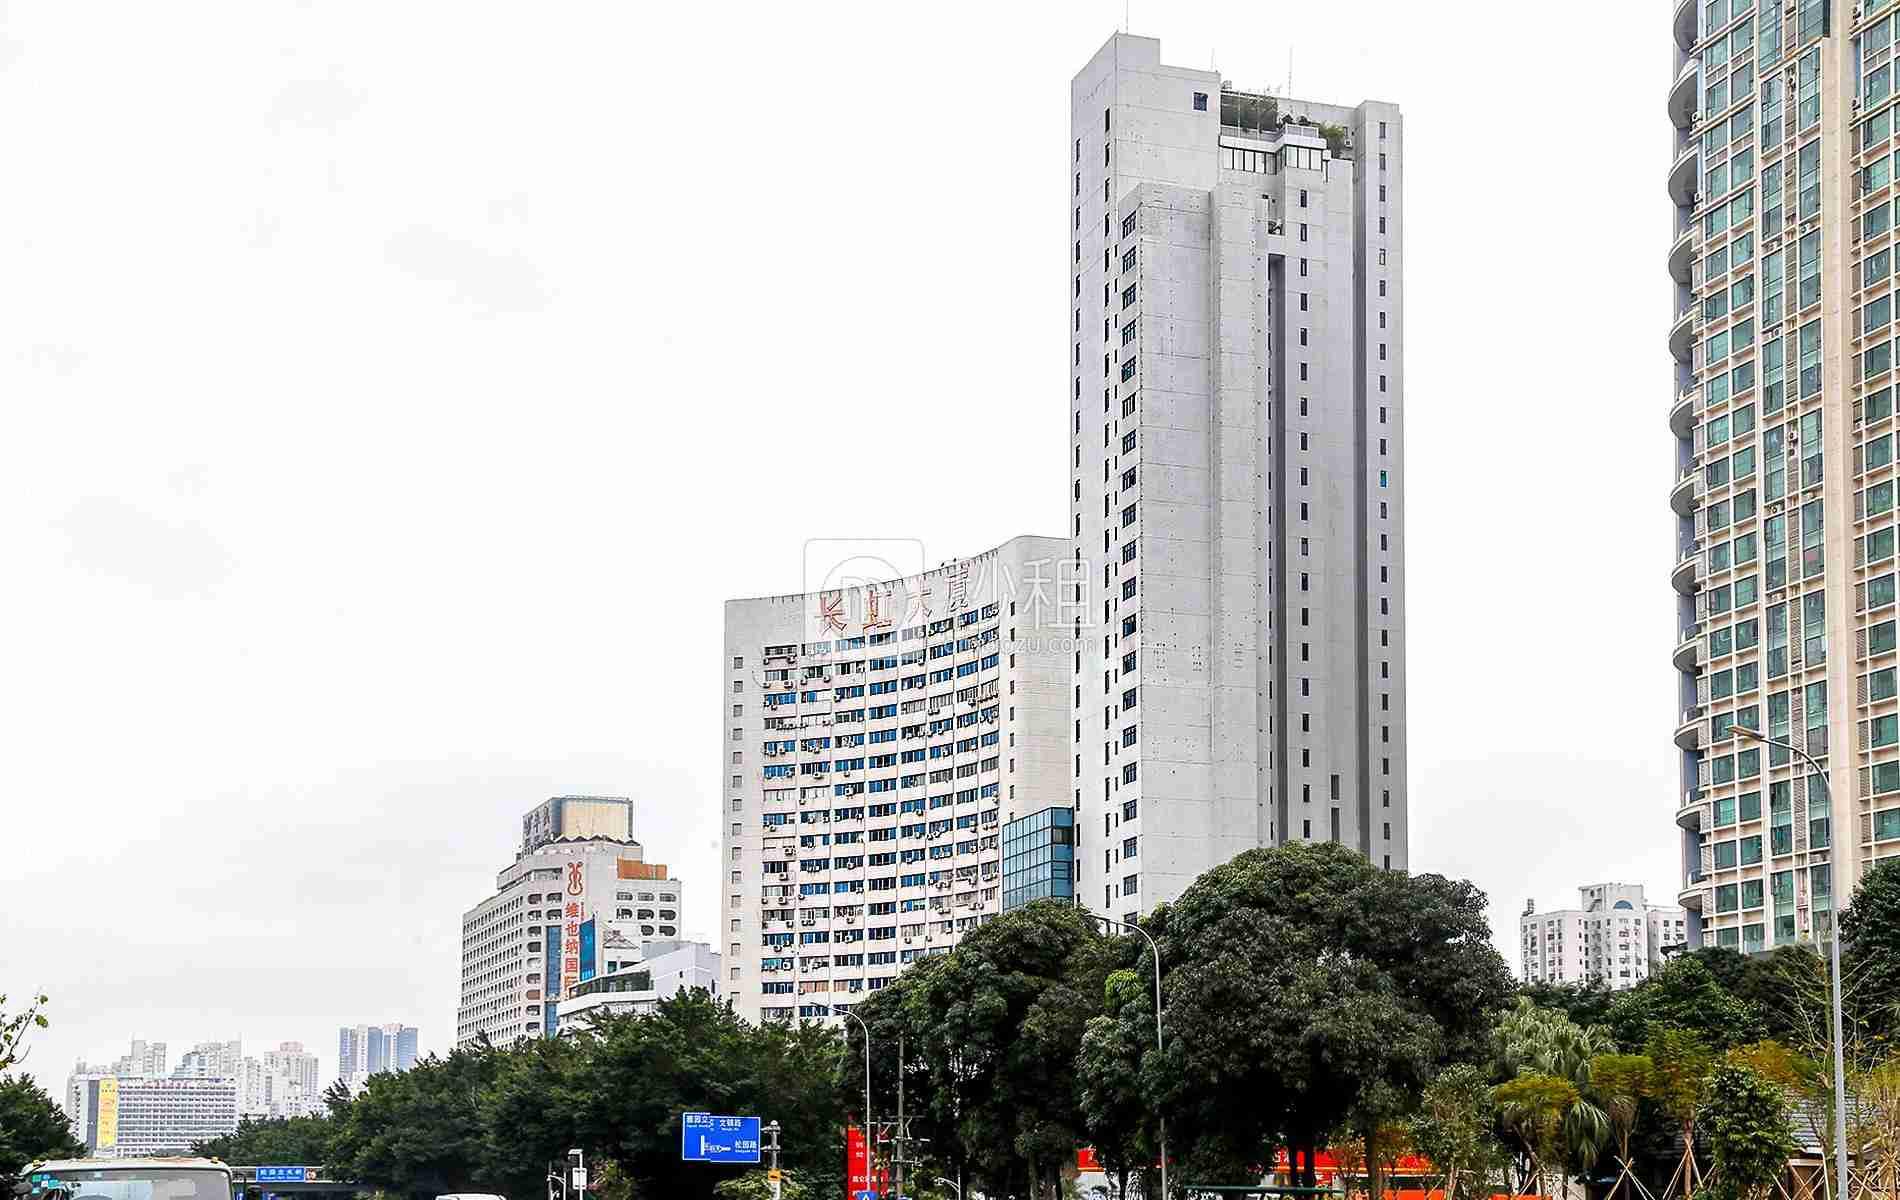 长虹大厦写字楼出租/招租/租赁,长虹大厦办公室出租/招租/租赁